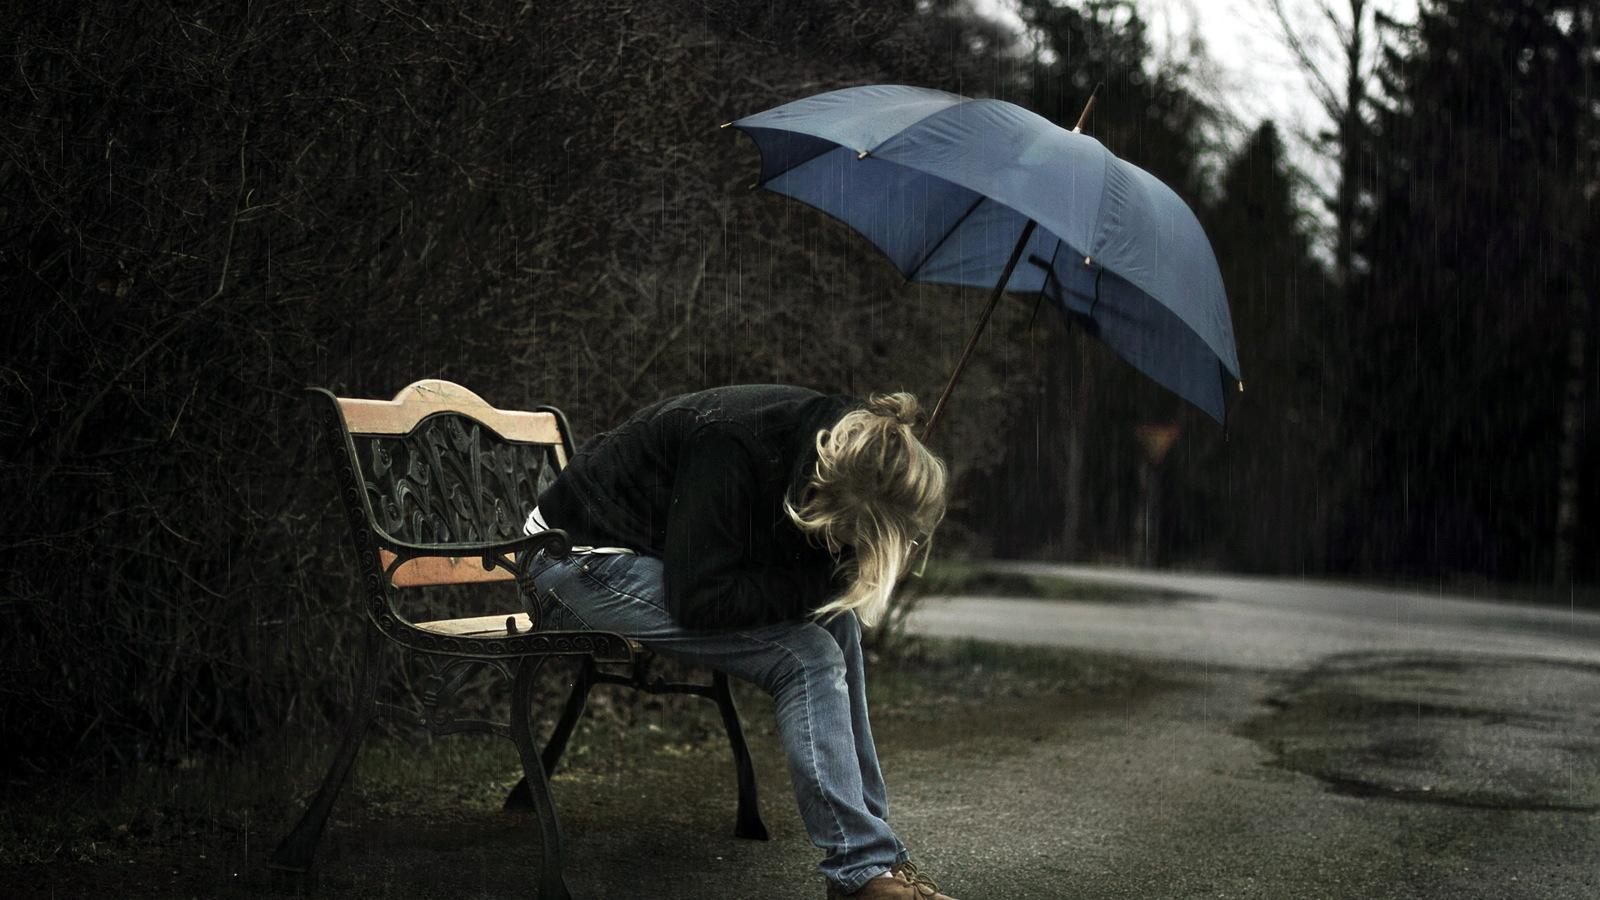 تنهایی, بازم دلم براش تنگ شد,متن تنهایی